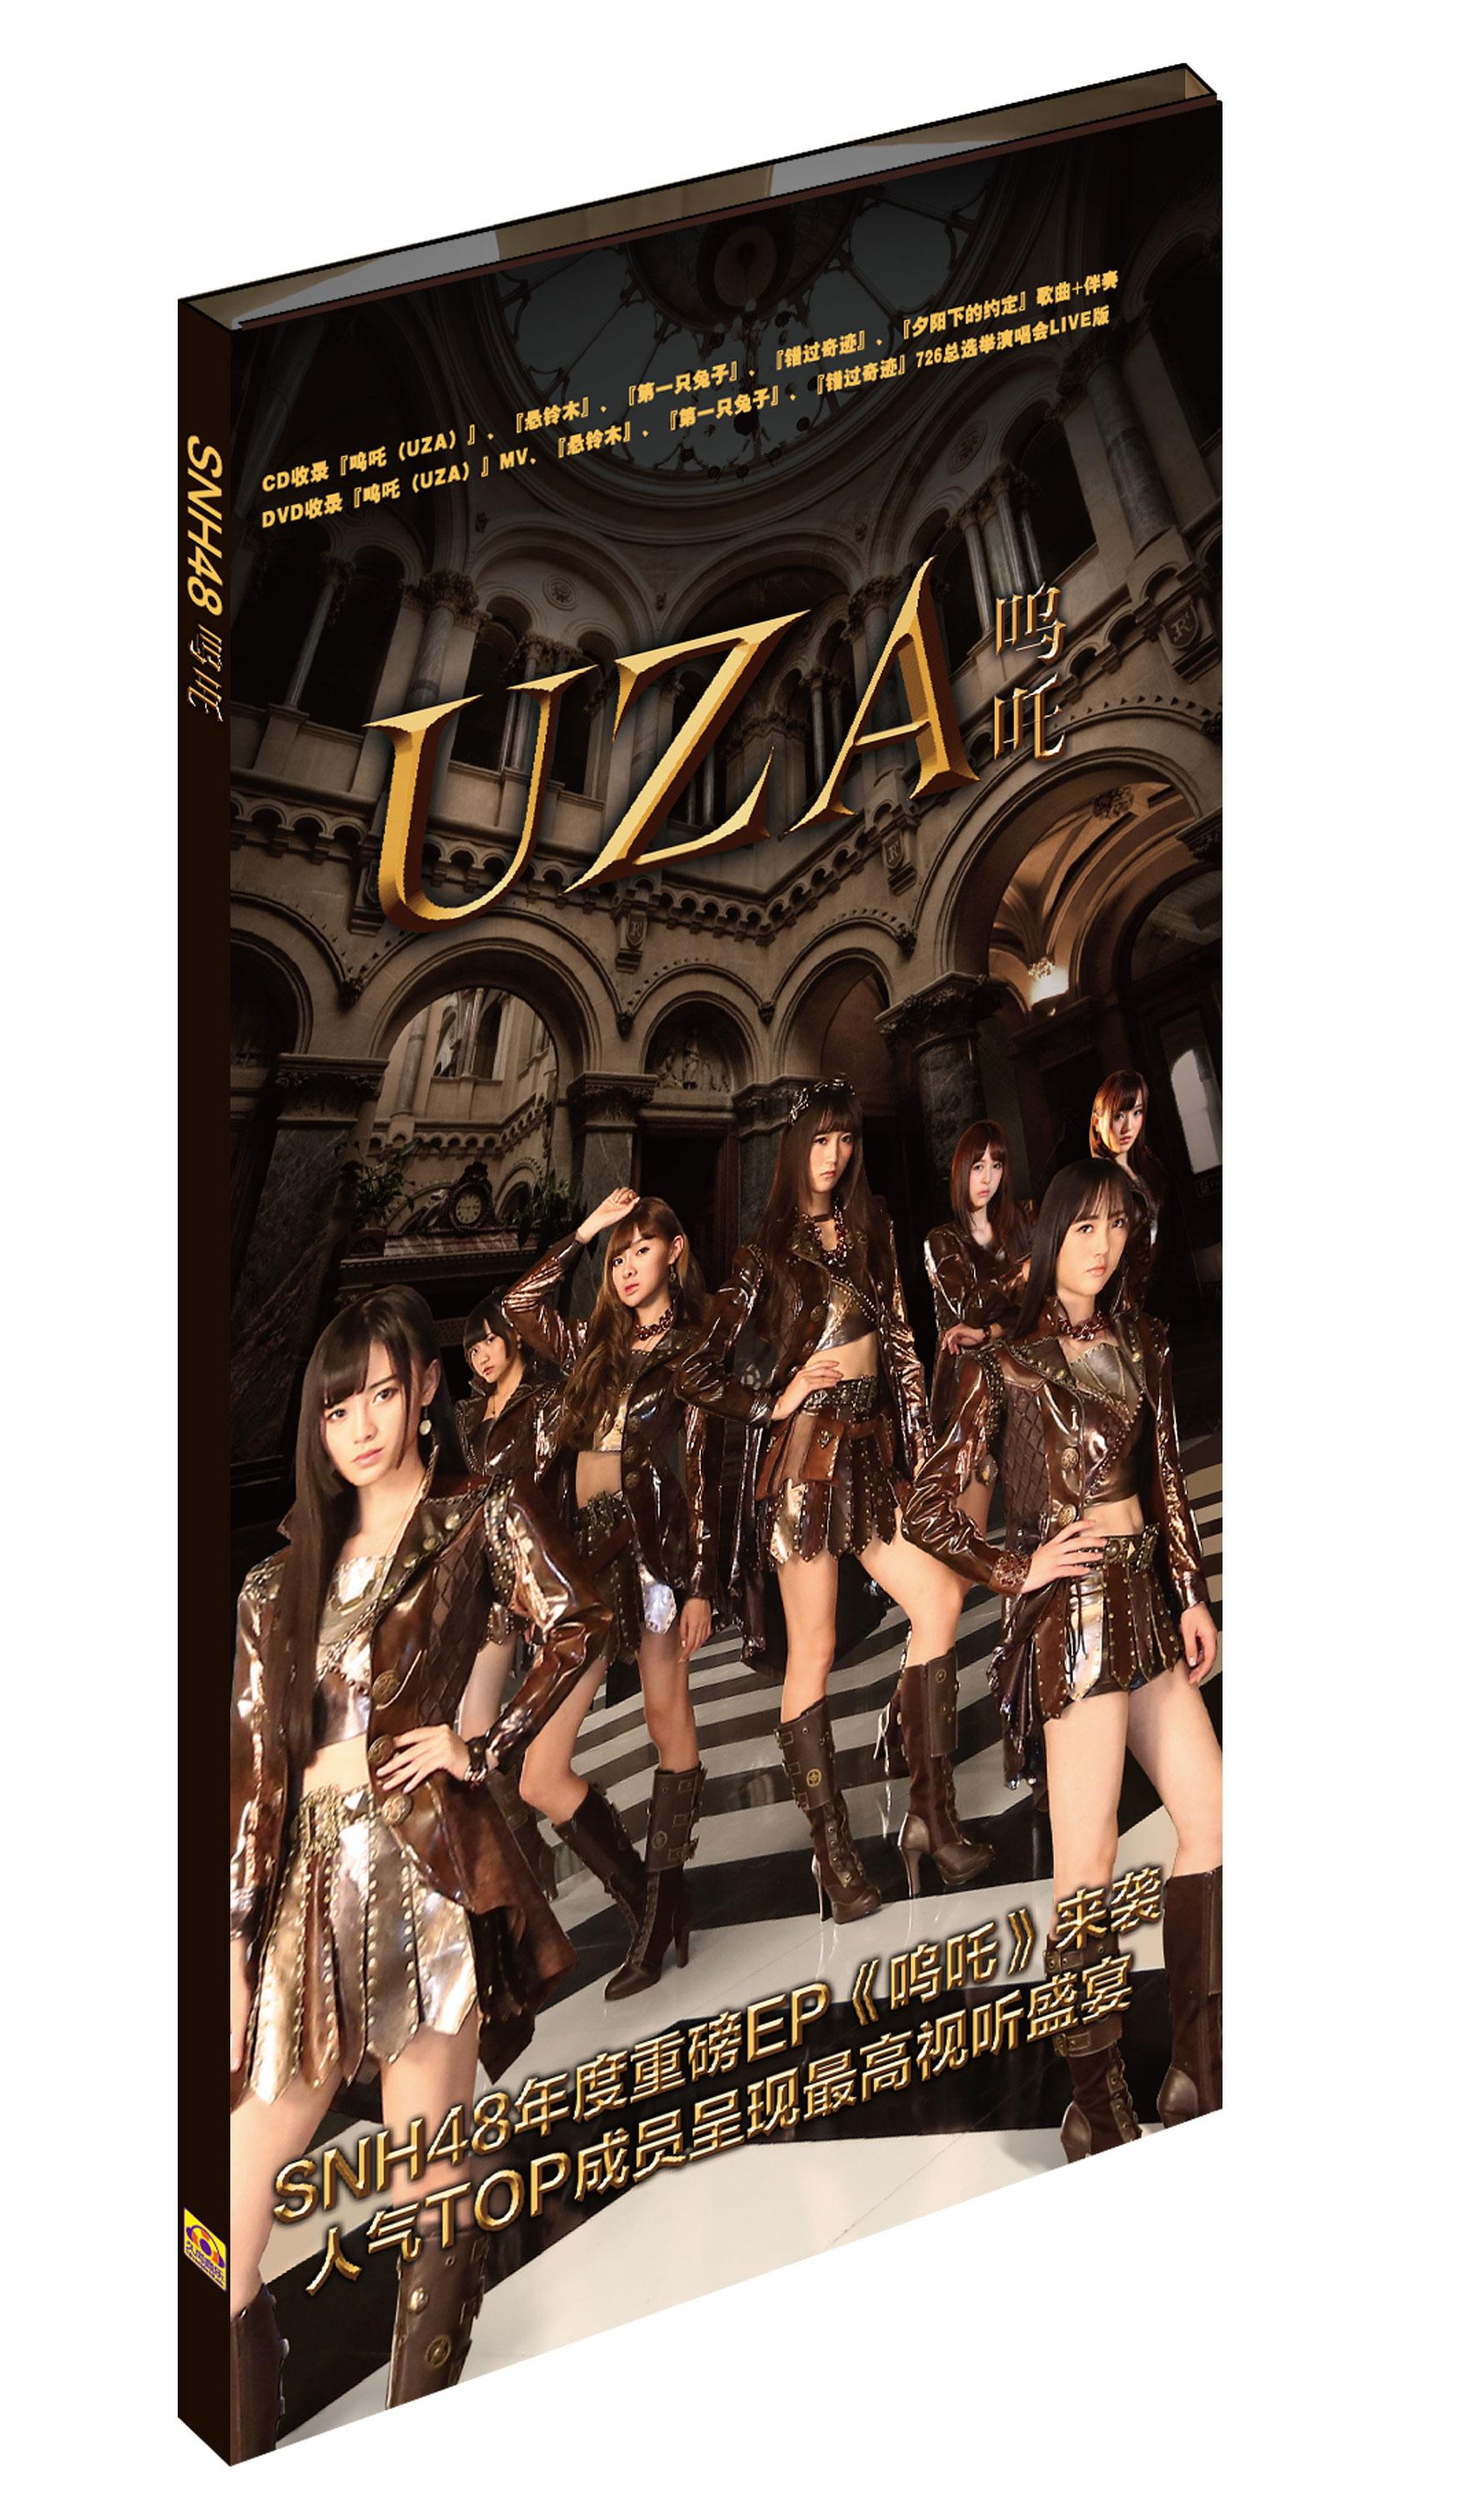 【SNH48】《呜吒(UZA)》は10月12日から発売!SNH48リクアワベスト30開催か!?